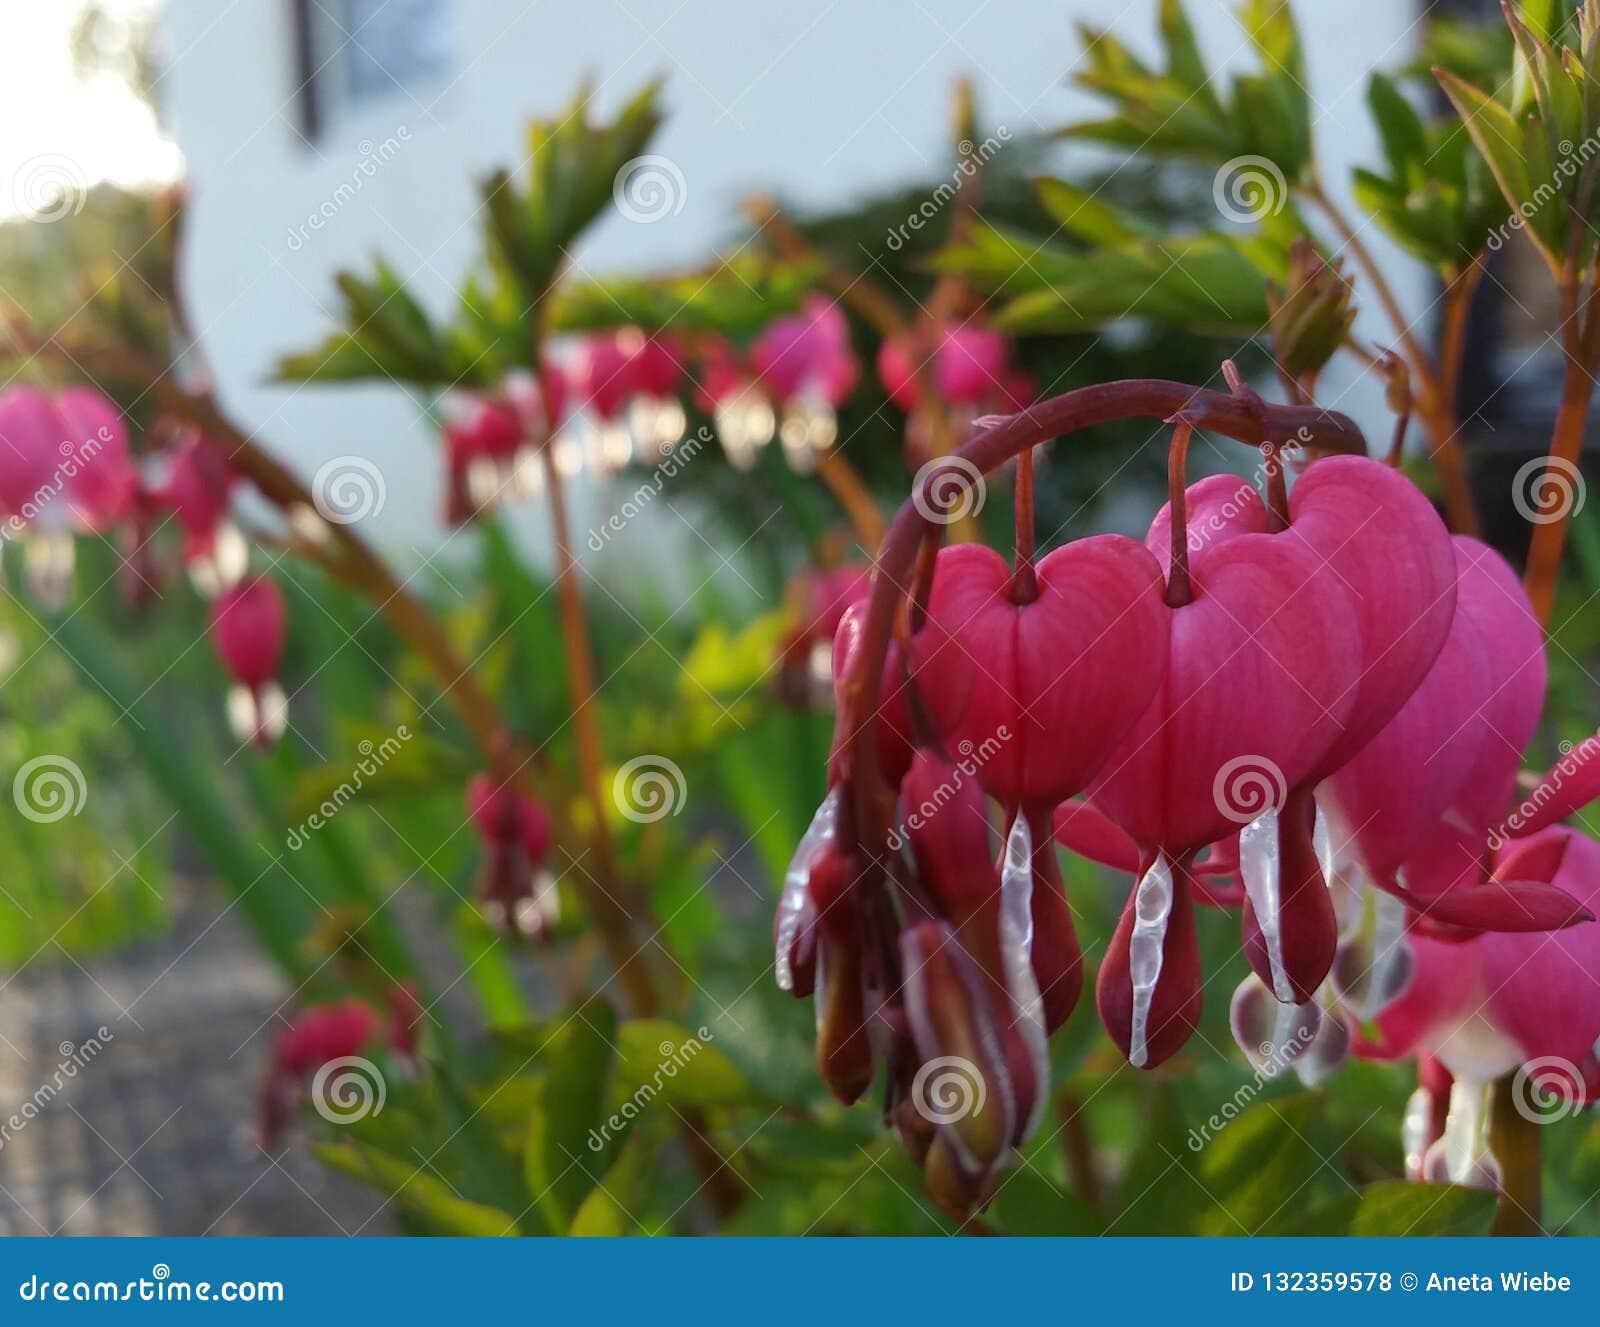 Blumen des blutenden Herzens